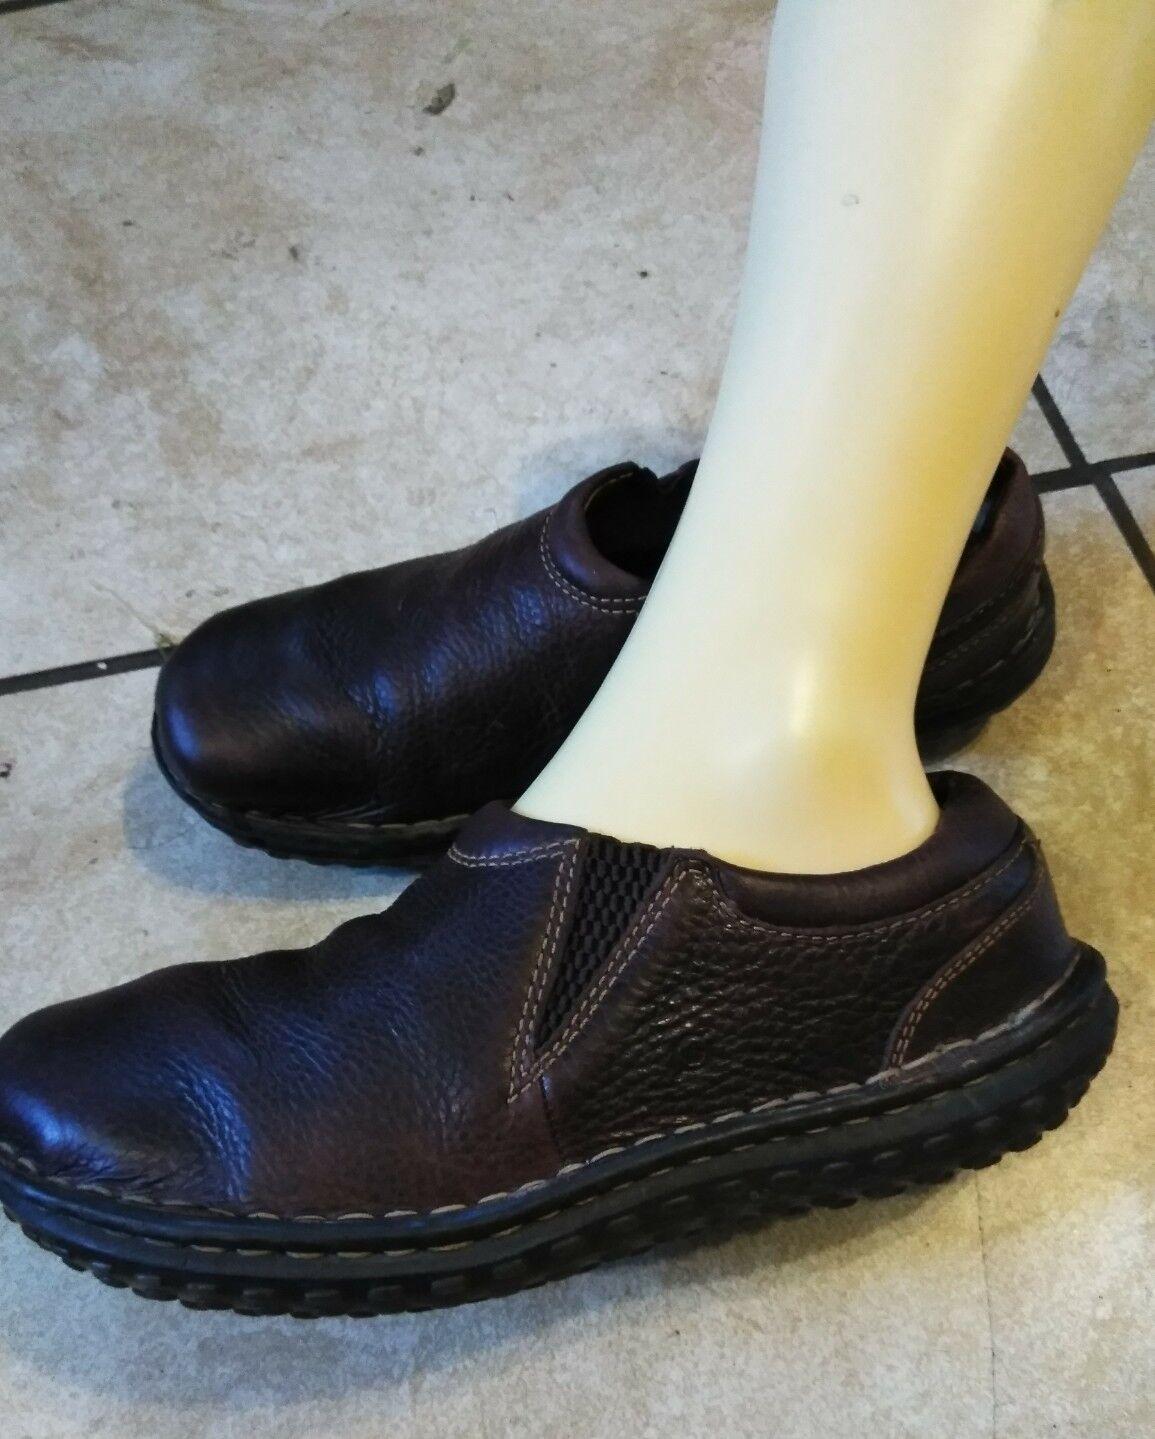 Né pour Femme en Cuir marron Slip On Casual MOC Confort Mocassins chaussures Taille 9.5 41